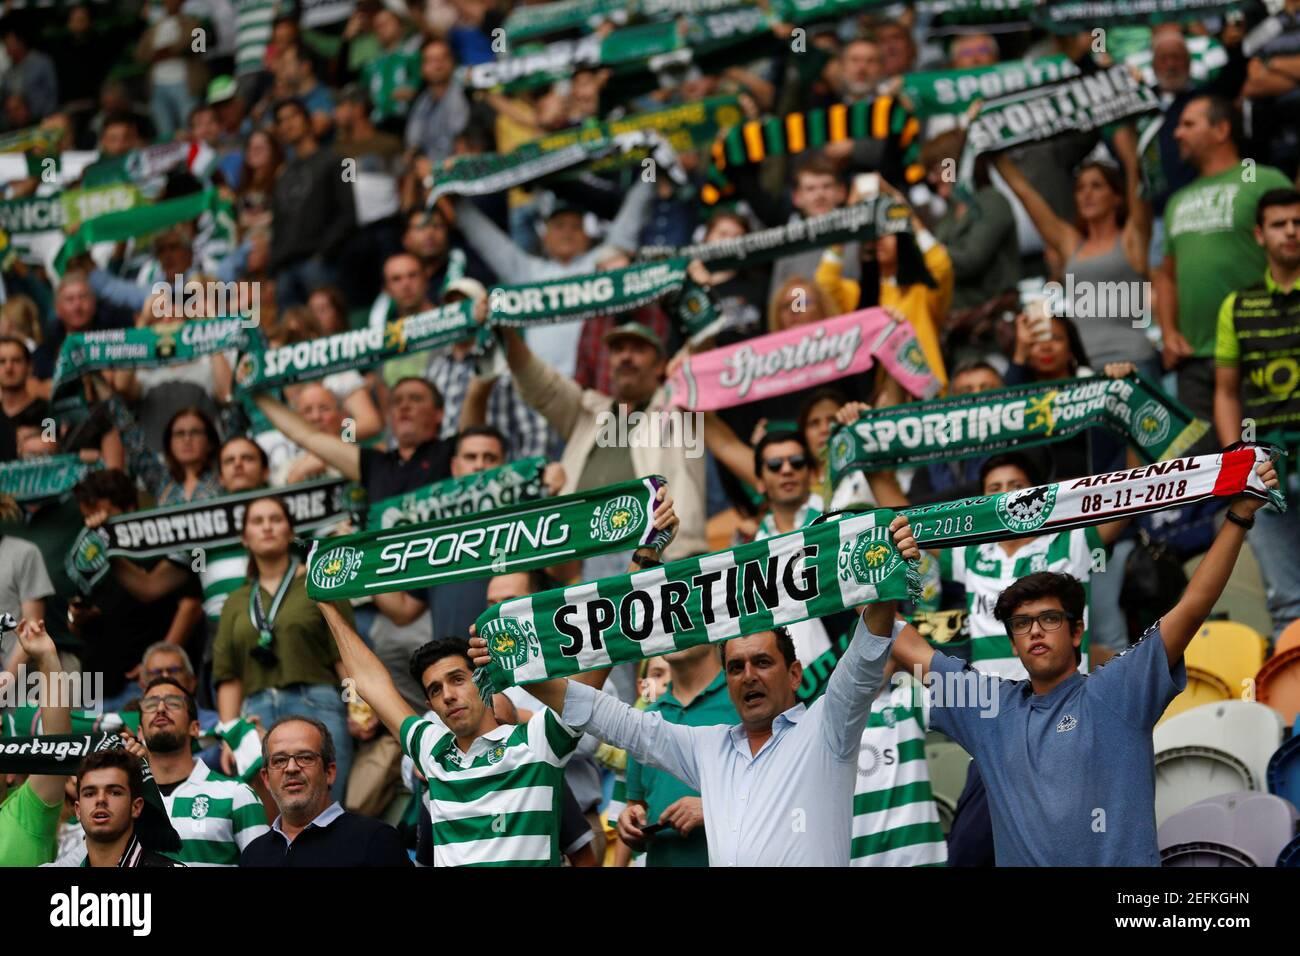 Football football - Europa League - Groupe Stage - Groupe E - Sporting CP v Arsenal - Estadio Jose Alvalade, Lisbonne, Portugal - 25 octobre 2018 Sporting fans à l'intérieur du stade avant le match REUTERS/Rafael Marchante Banque D'Images